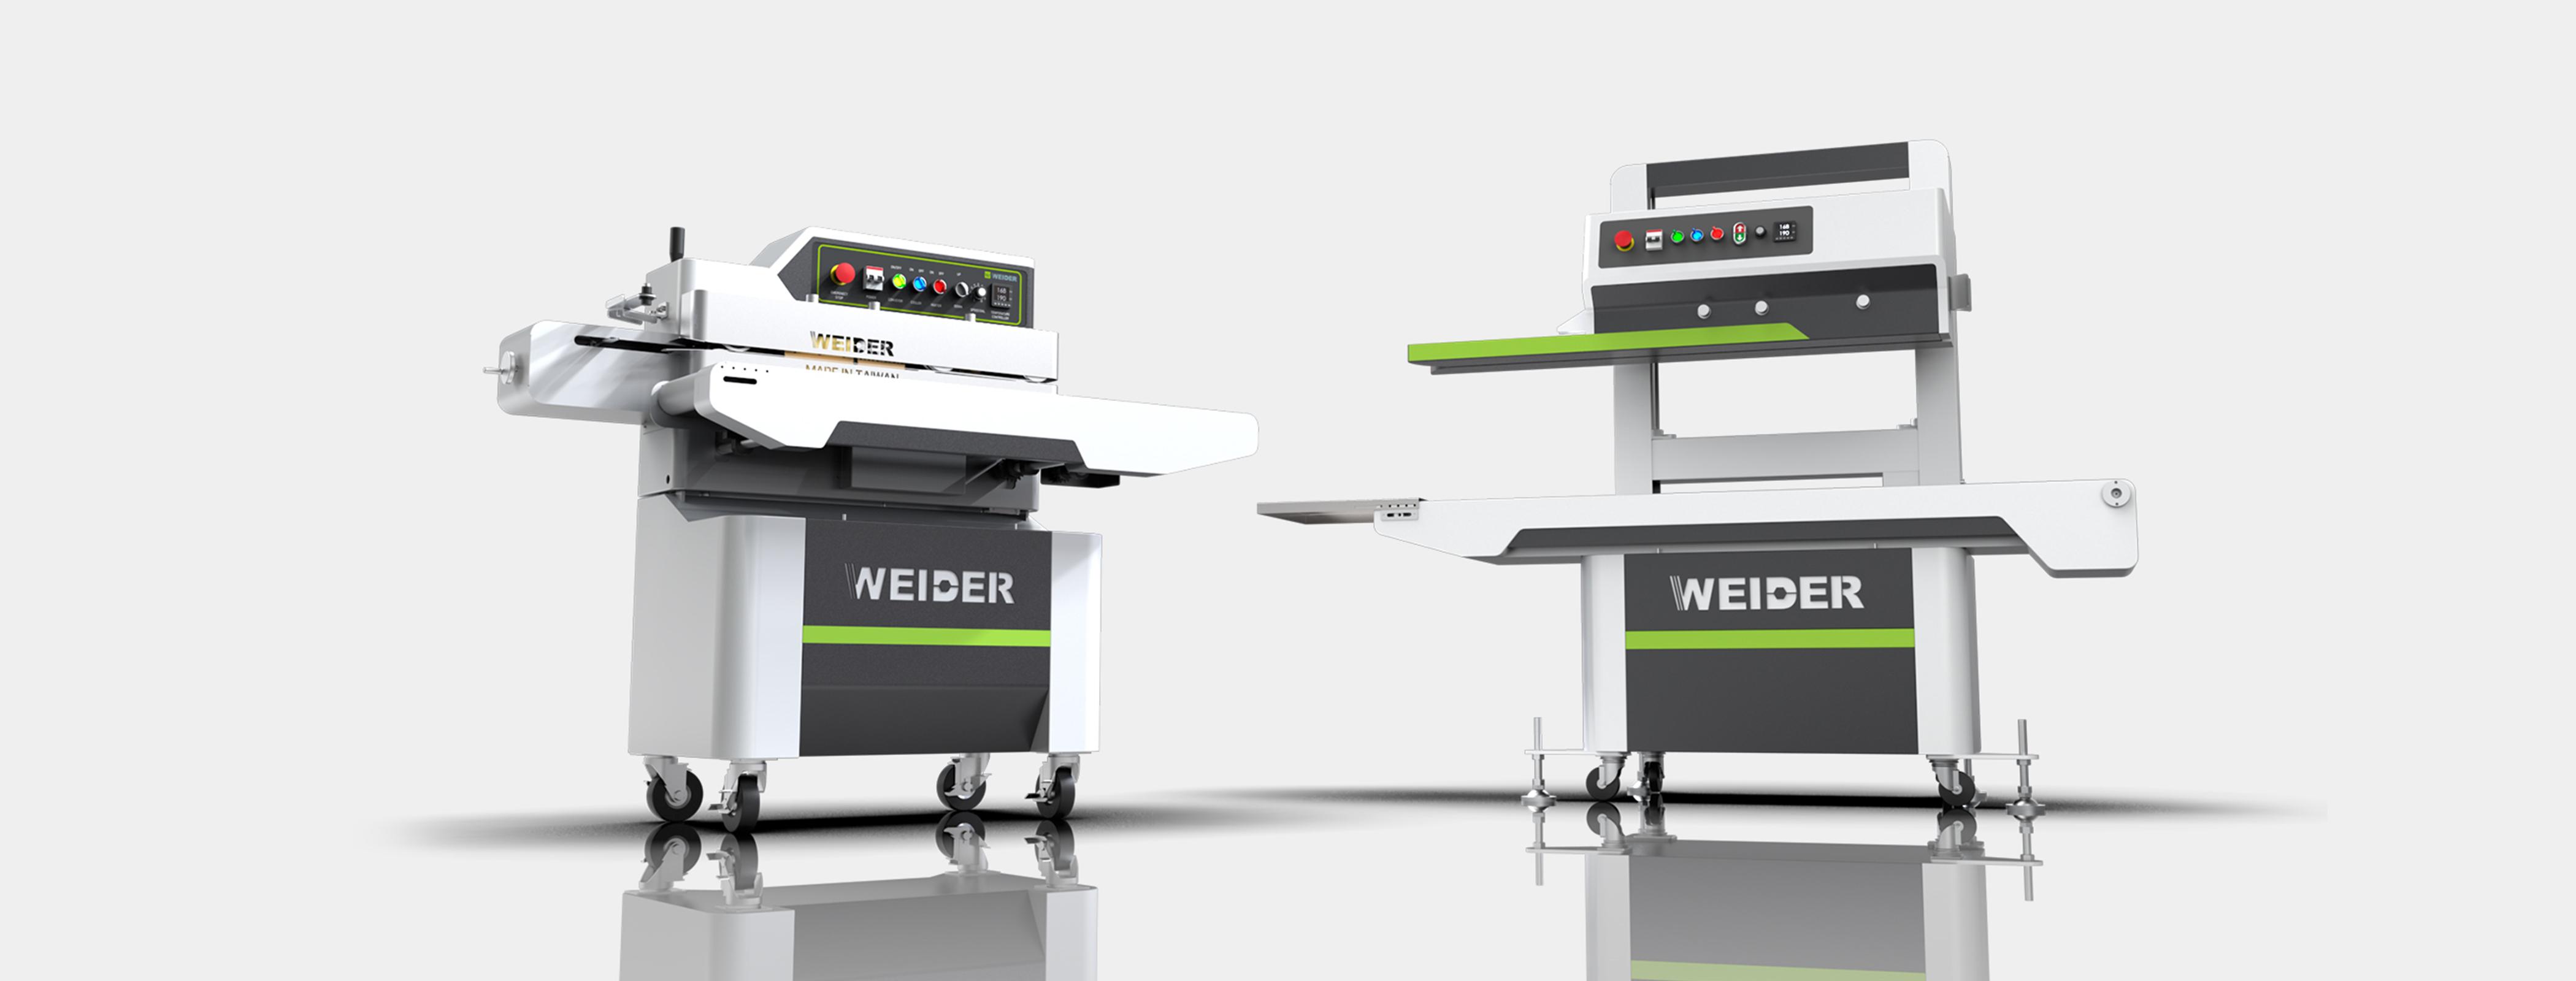 維德機械 - 立/臥式自動封口機